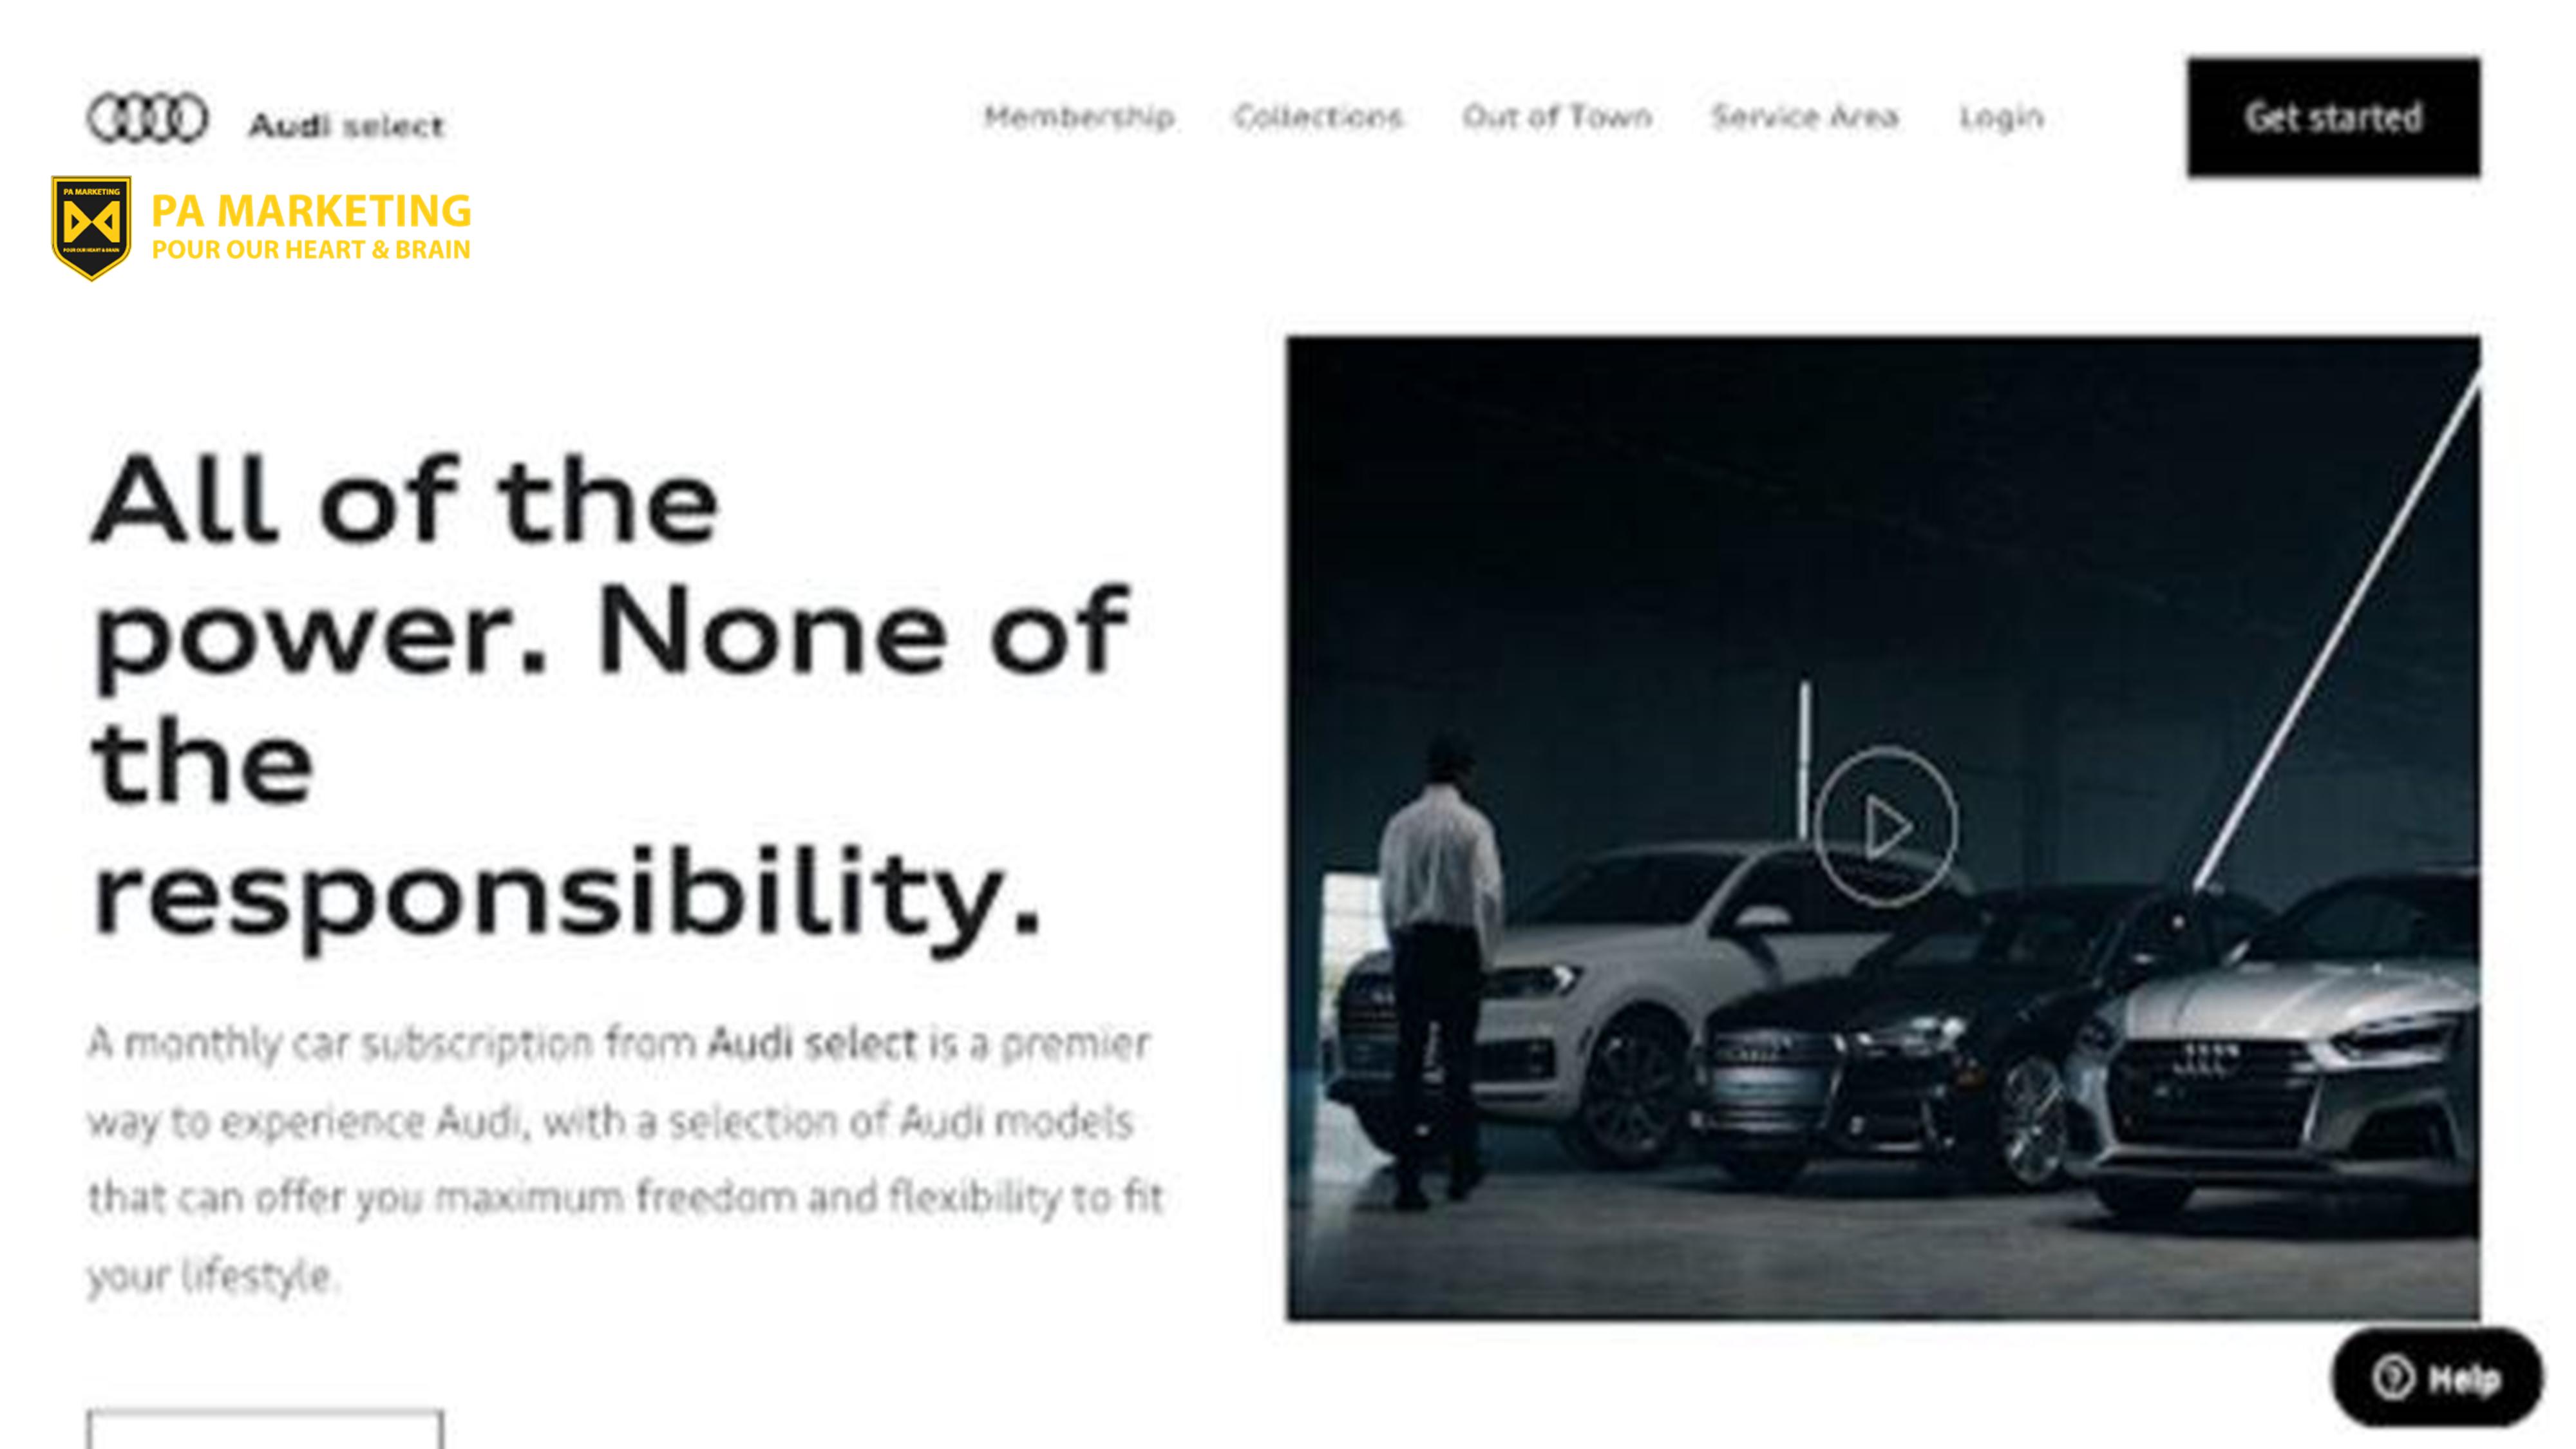 Audi chuyển sang mô hình kinh doanh thuê bao